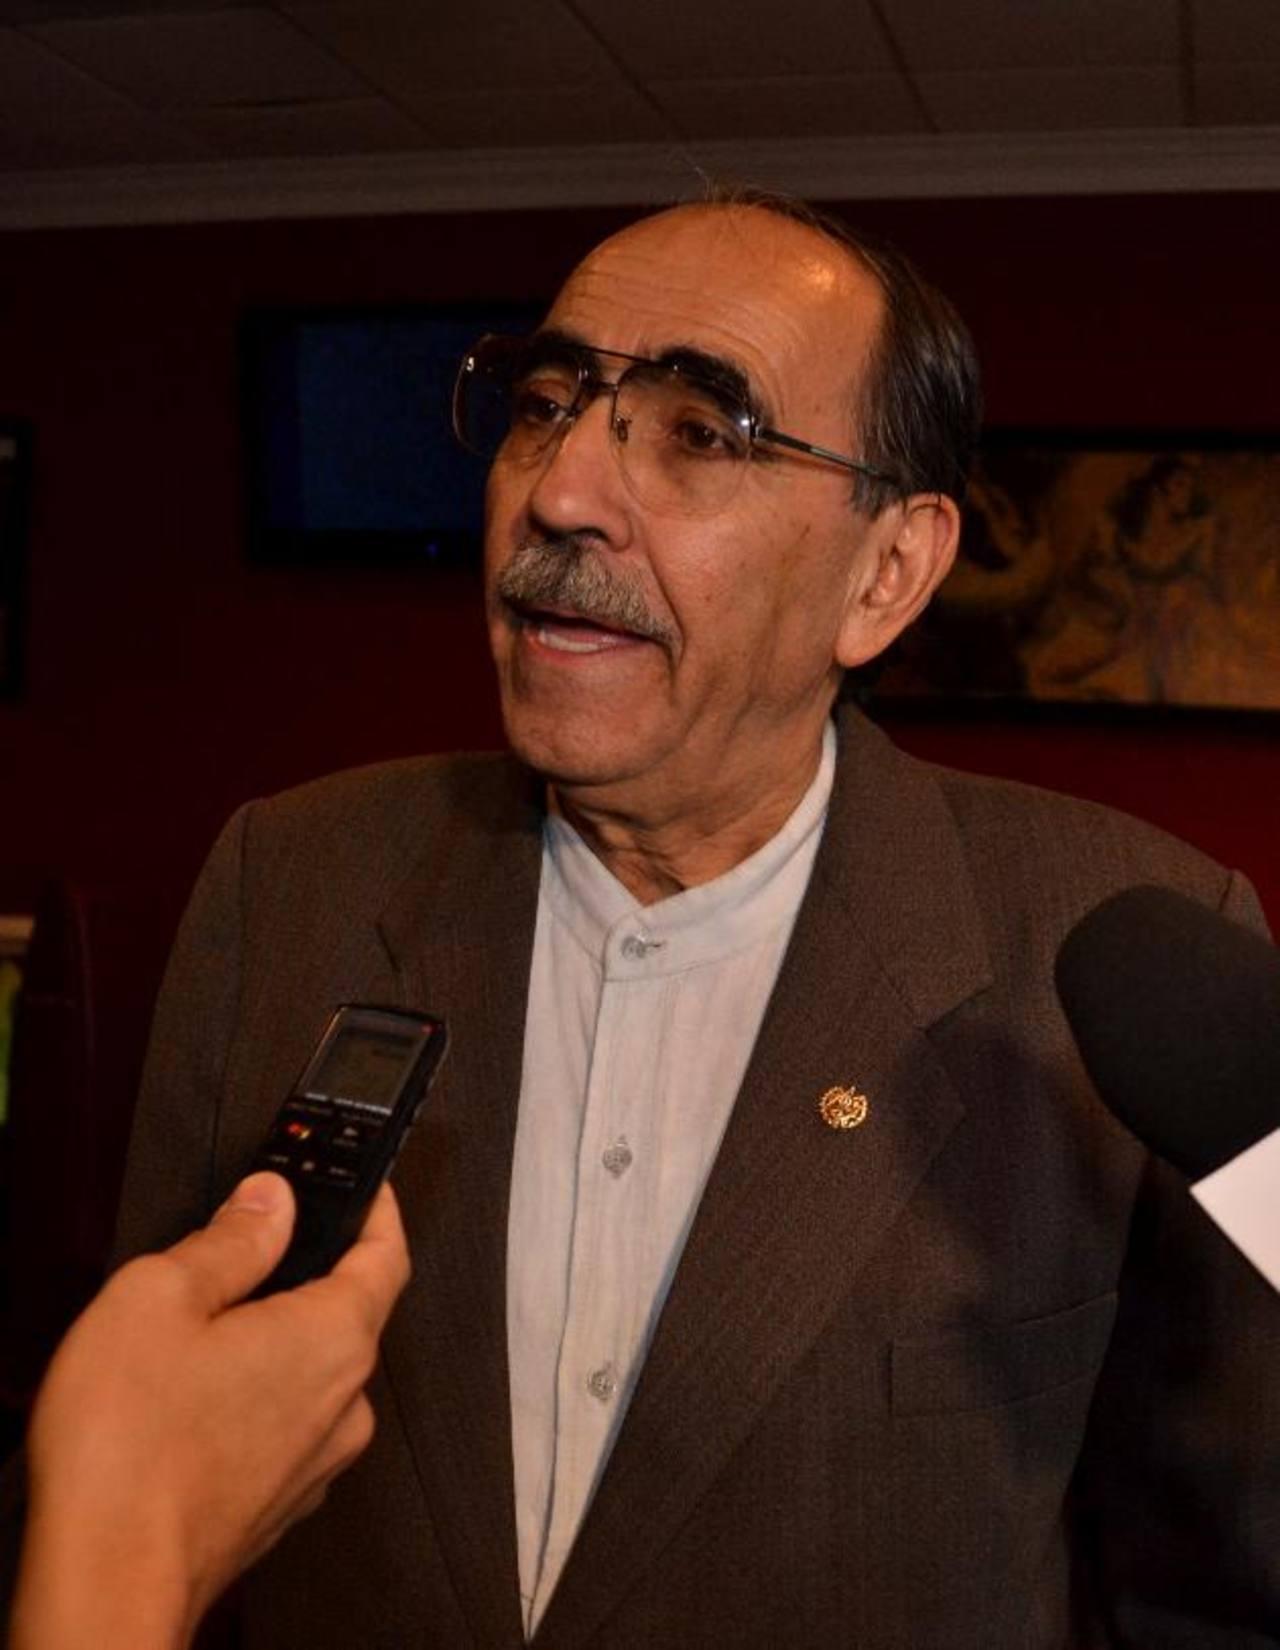 Rubén Zamora, embajador de El Salvador ante Estados Unidos participó en las reuniones con la MCC. Foto EDH /Tomás Guevara